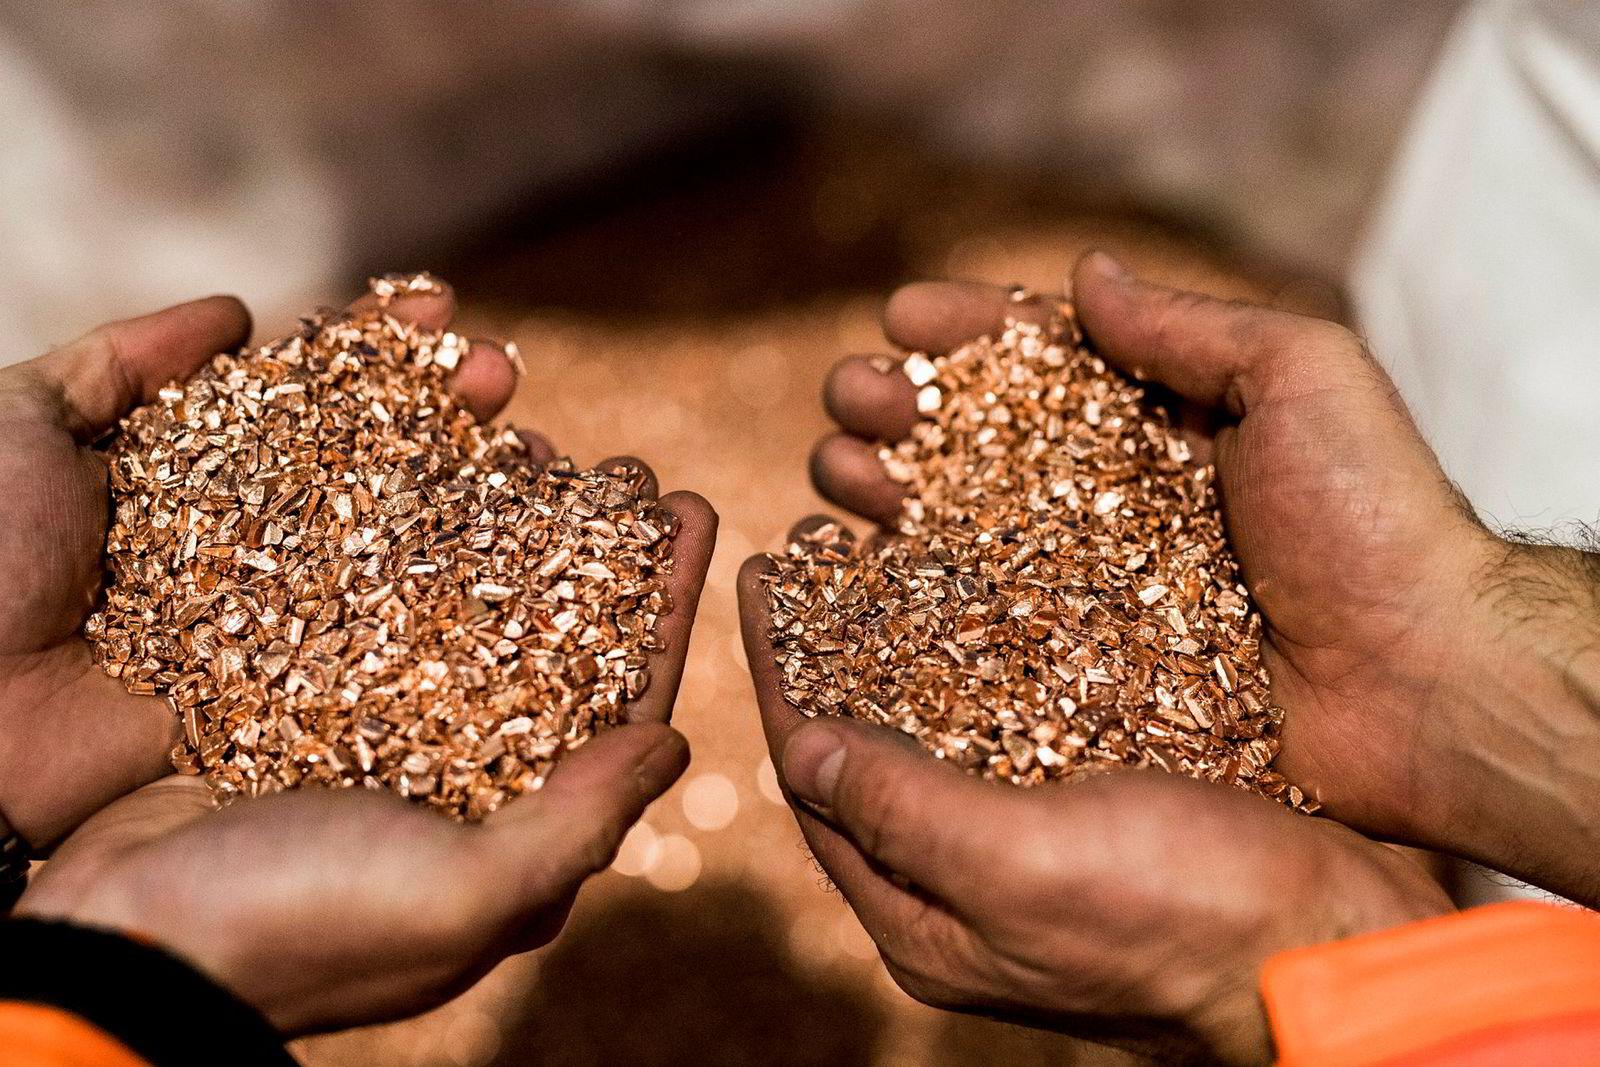 Kablene hugges opp og kobberet sorteres ut, før det selges videre til nordiske smelteverk som bruker kobber i ulike legeringer. Markedsprisen på kobber ligger nå på rundt 53 kroner per kilo.